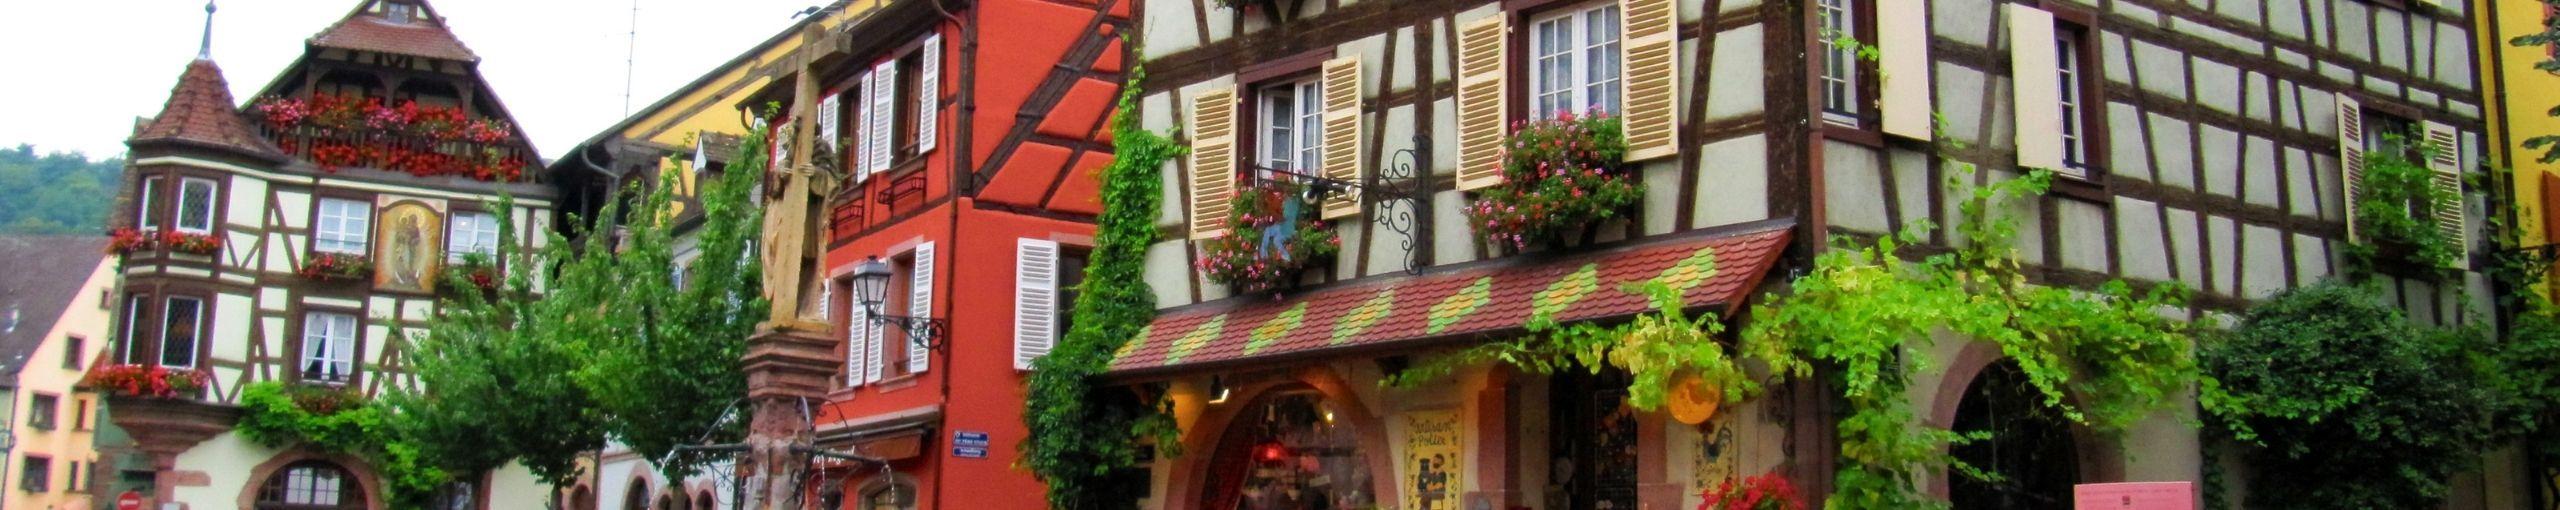 Kaysersberg, Alsacia. Alto Rin. Gran Este, Francia.